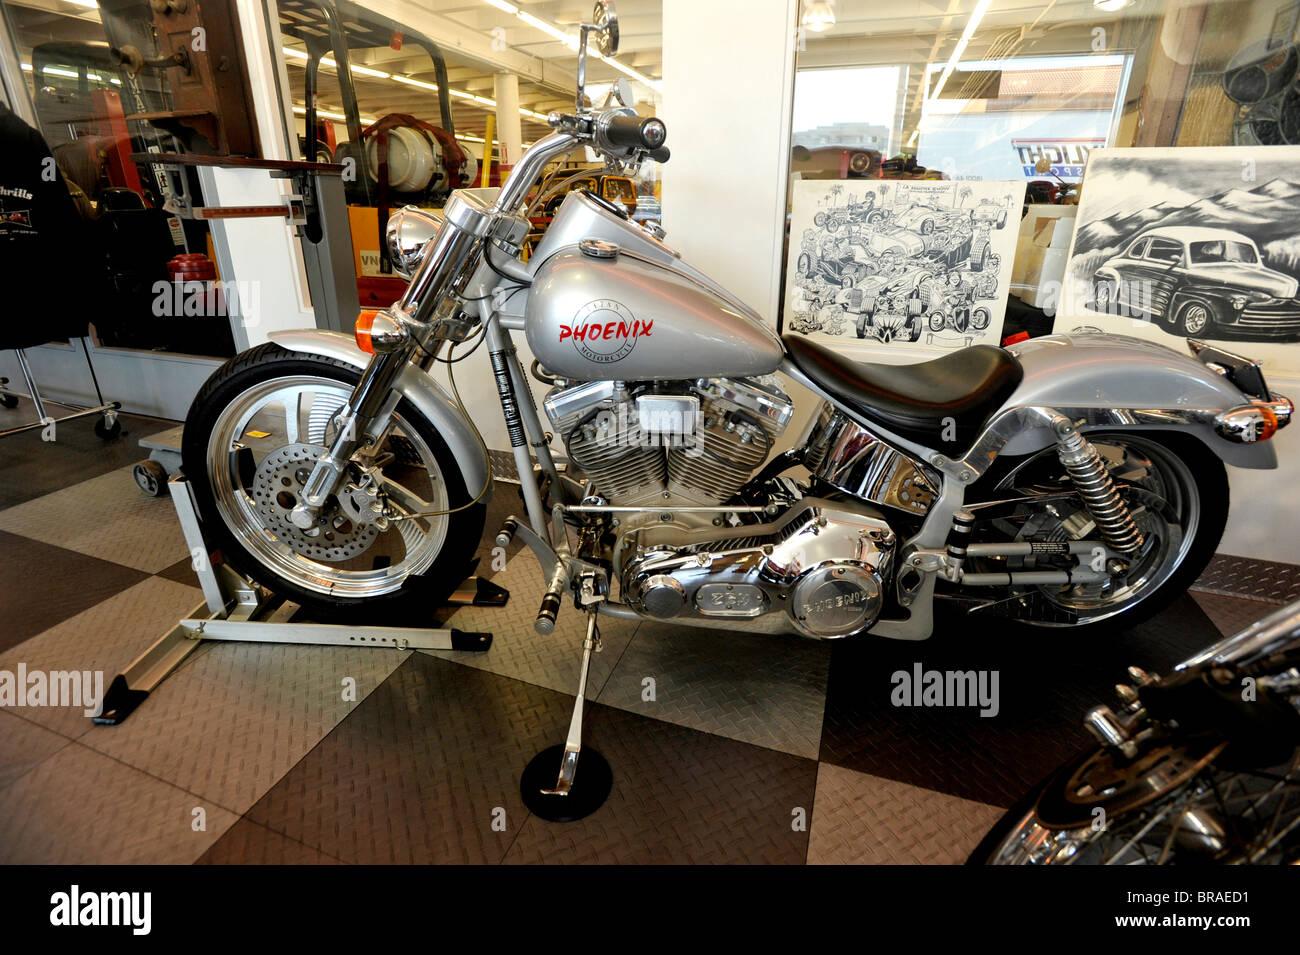 Phoenix Motorcyle in Showroom - Stock Image